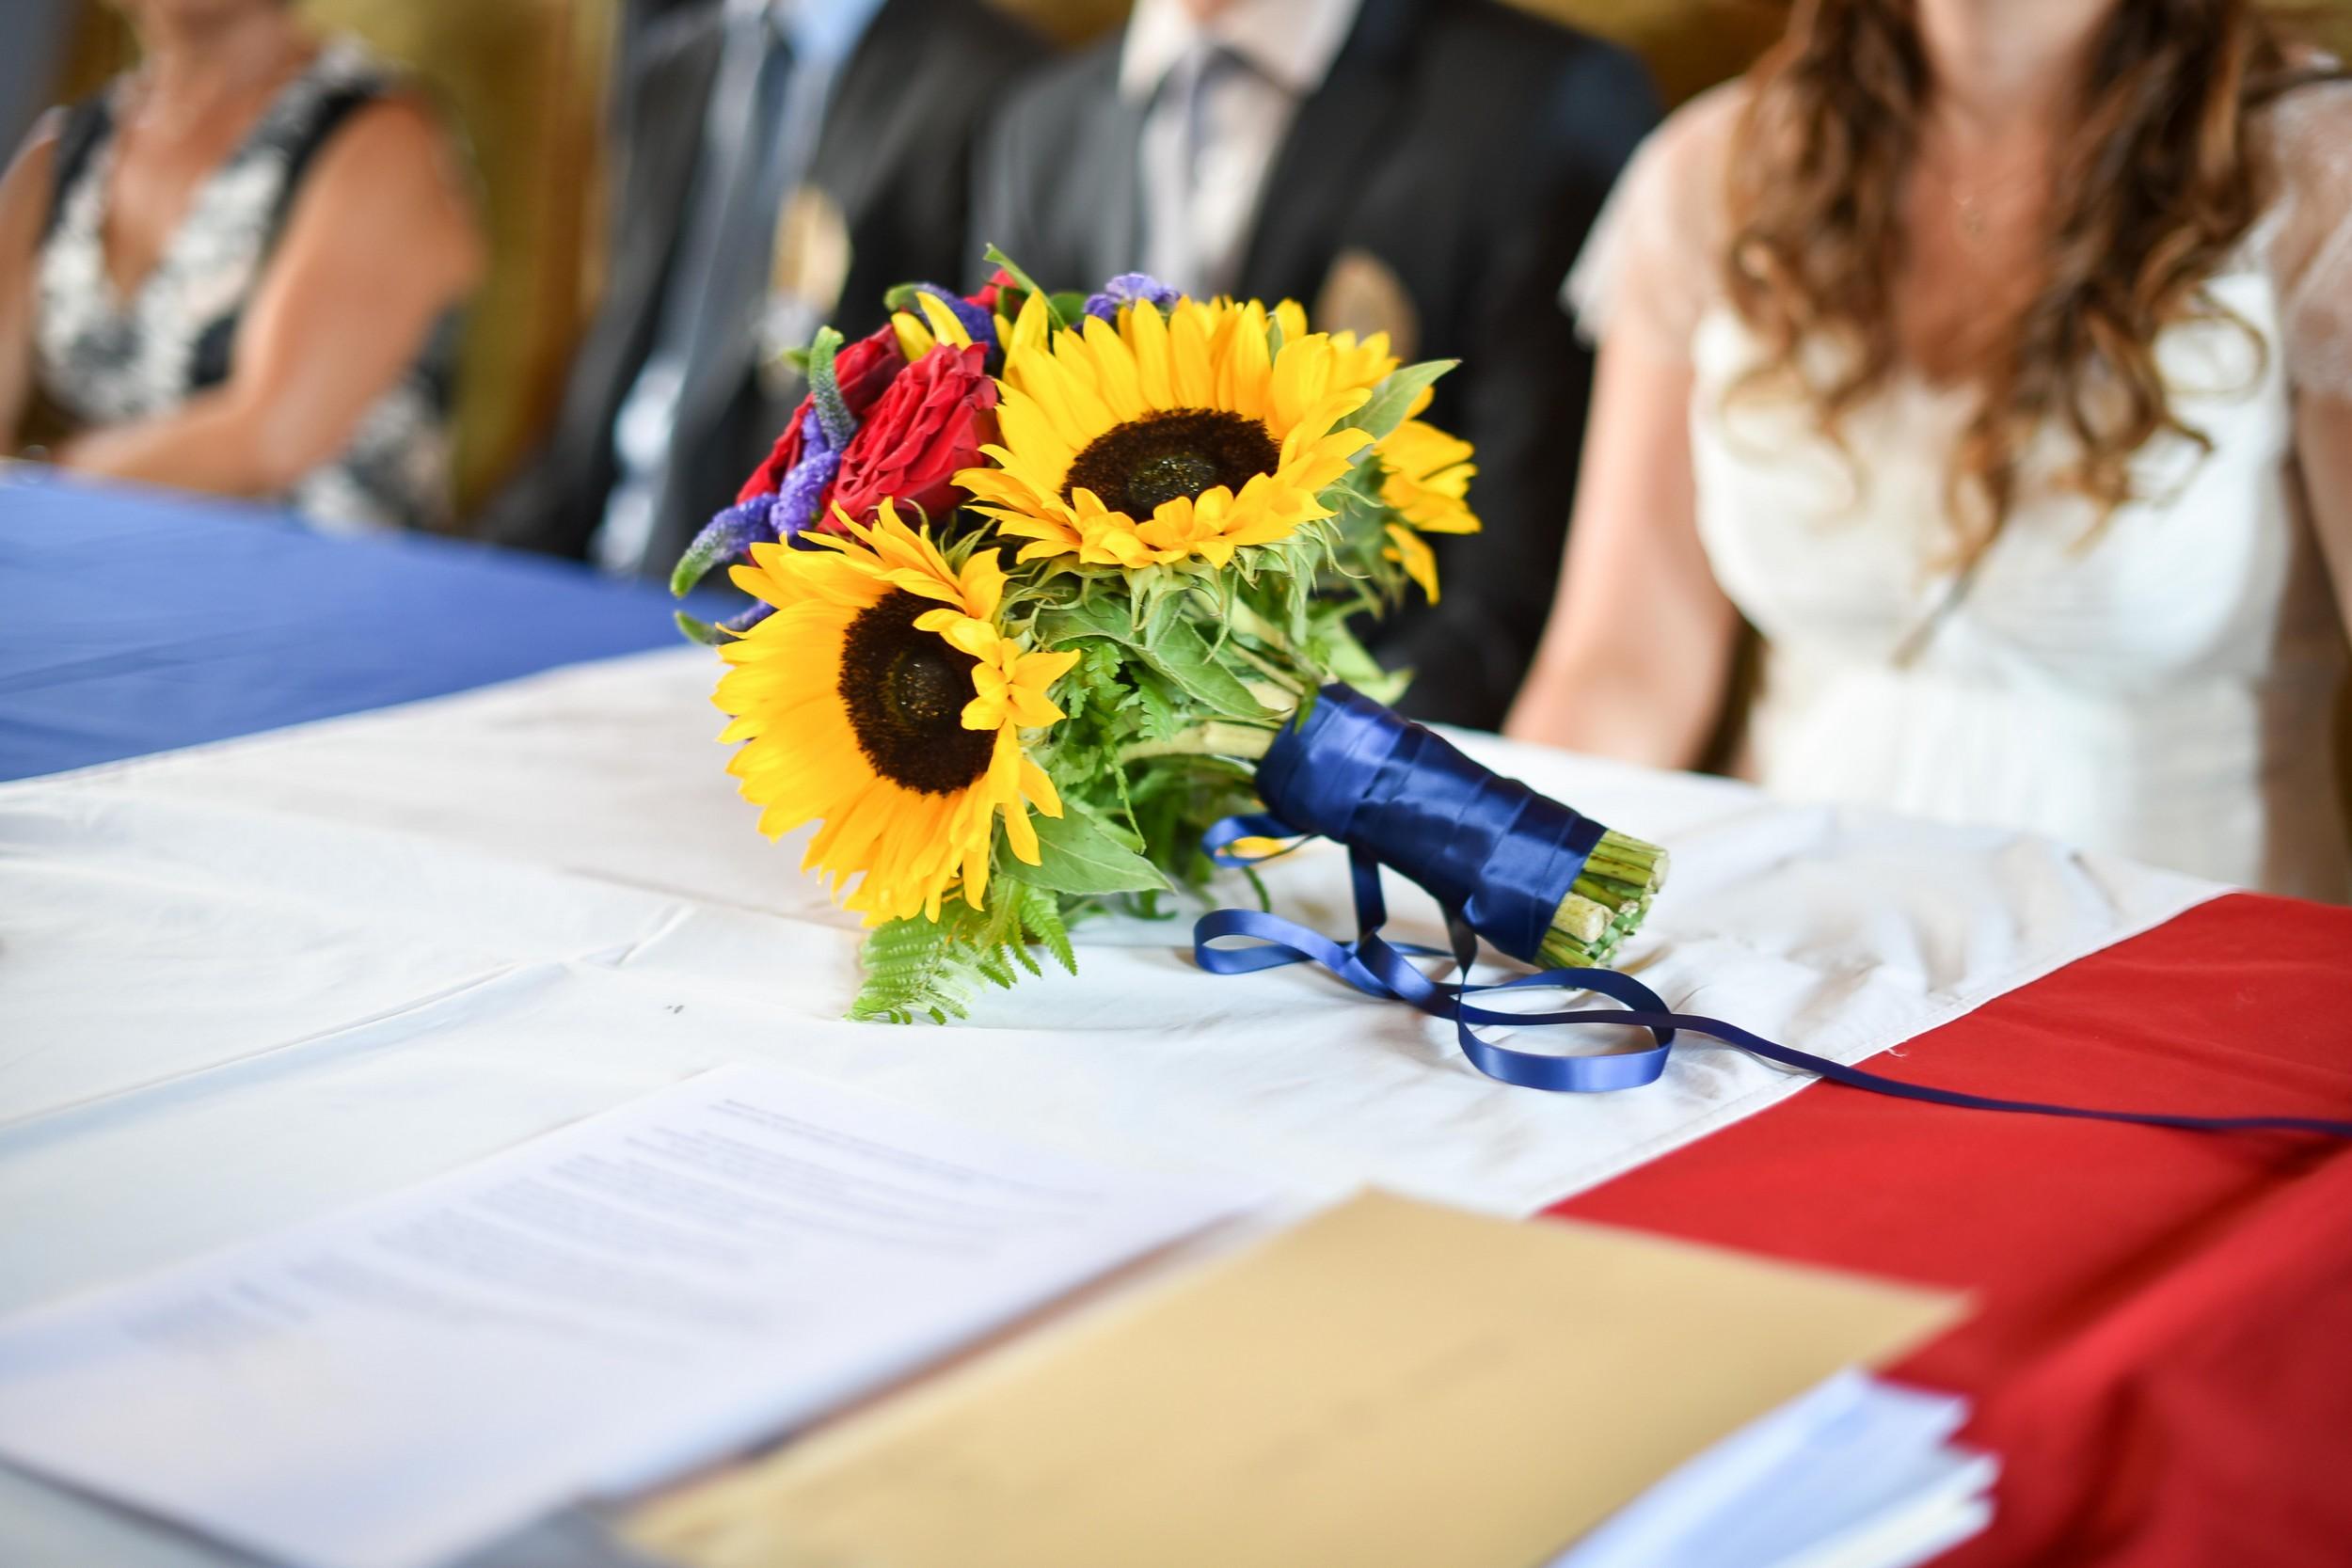 Mon mariage mélodieux et convivial, devenir mari et femme aux yeux de la loi